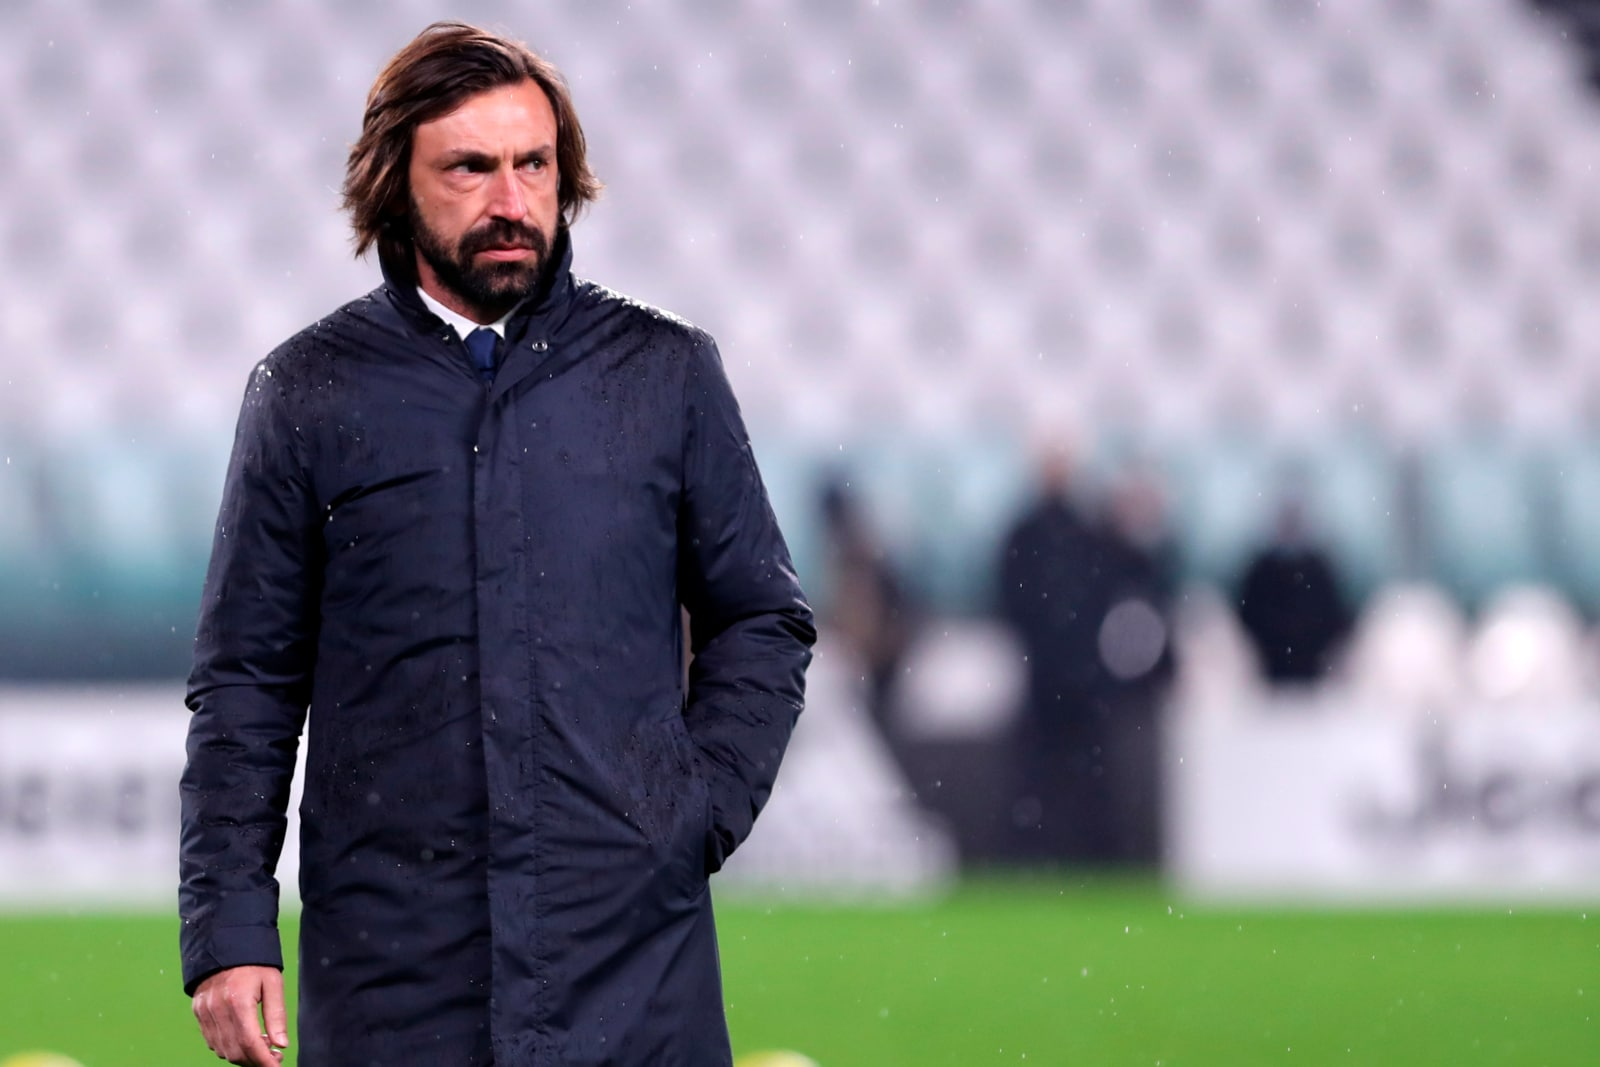 Juve-Fiorentina, la probabile formazione di Pirlo